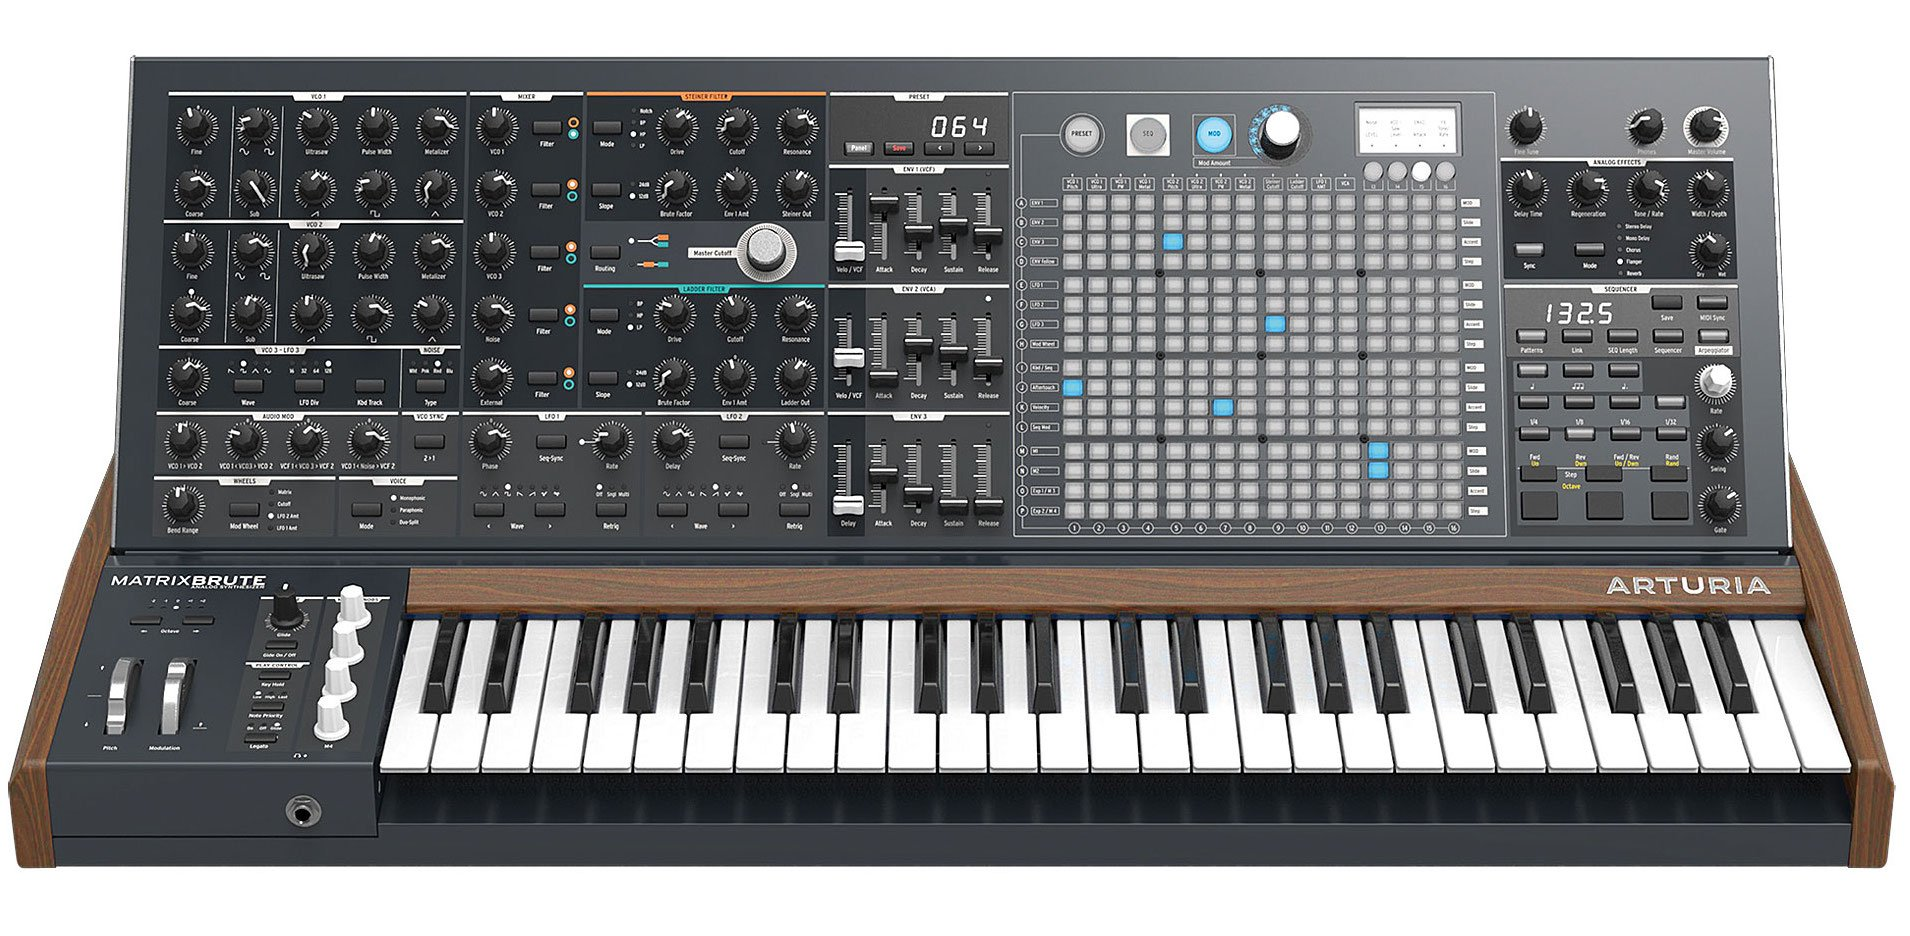 L'Arturia Maxibrute et sa matrice de modulation originale